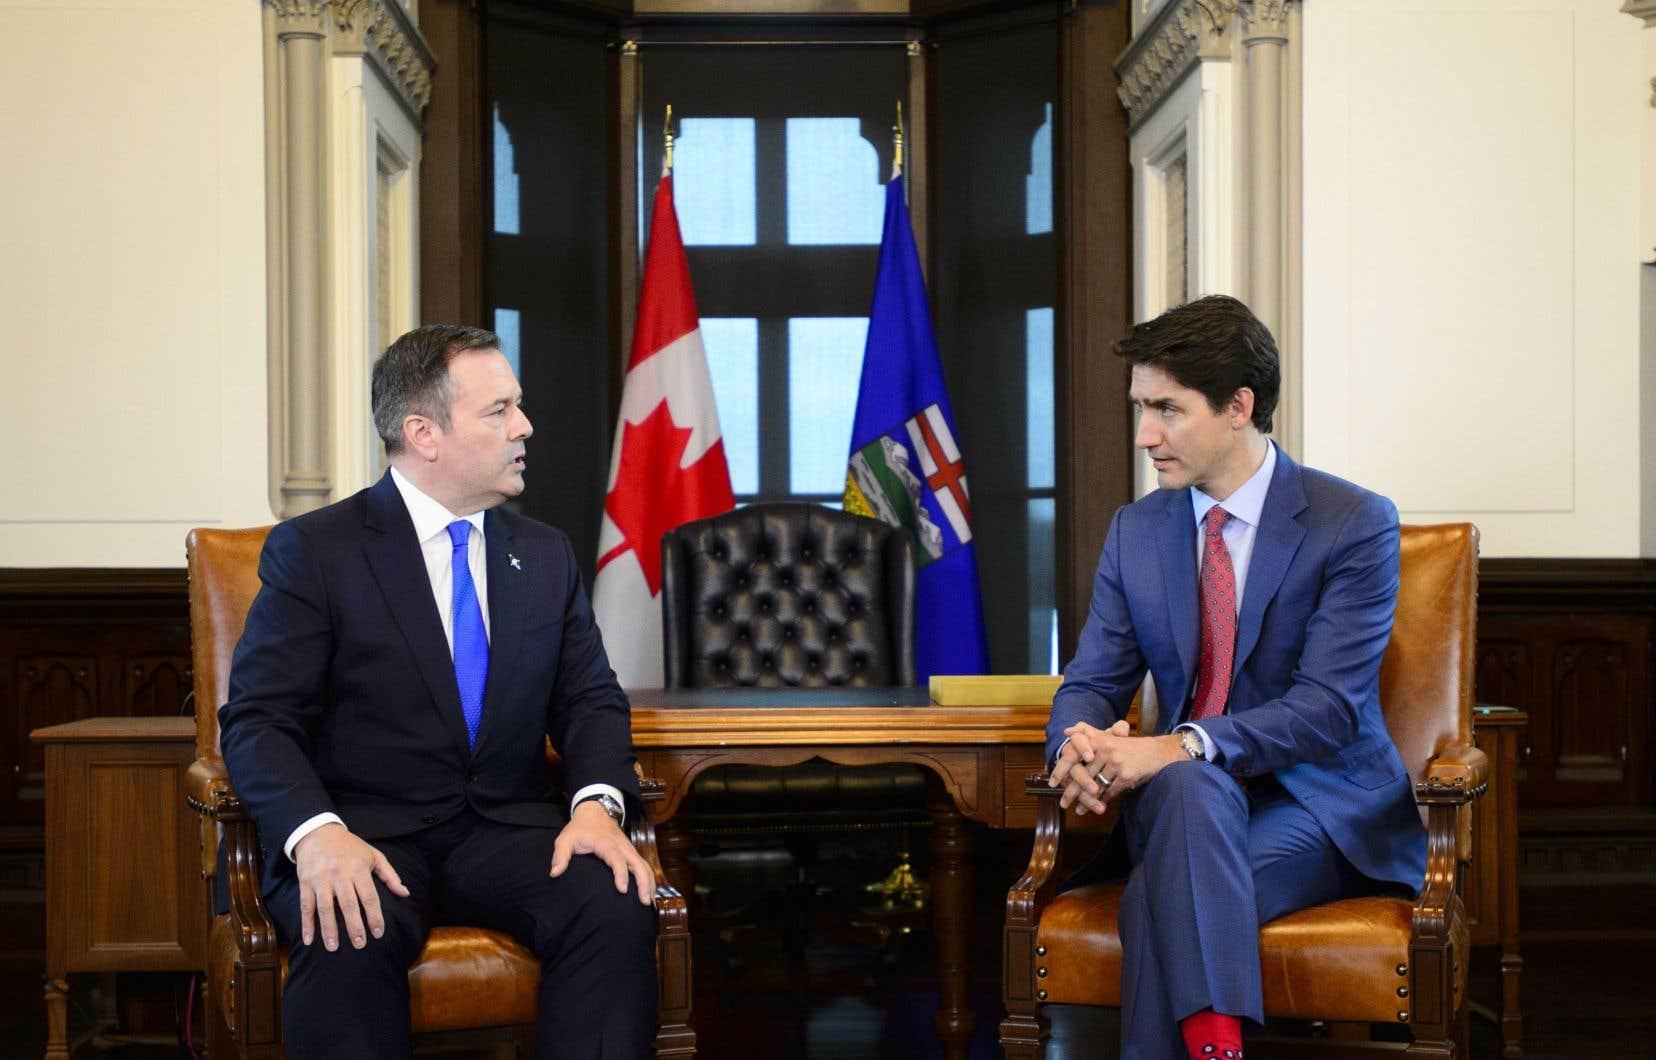 Le nouveau leader albertain était dans la capitale fédérale jeudi pour rencontrer le premier ministre.